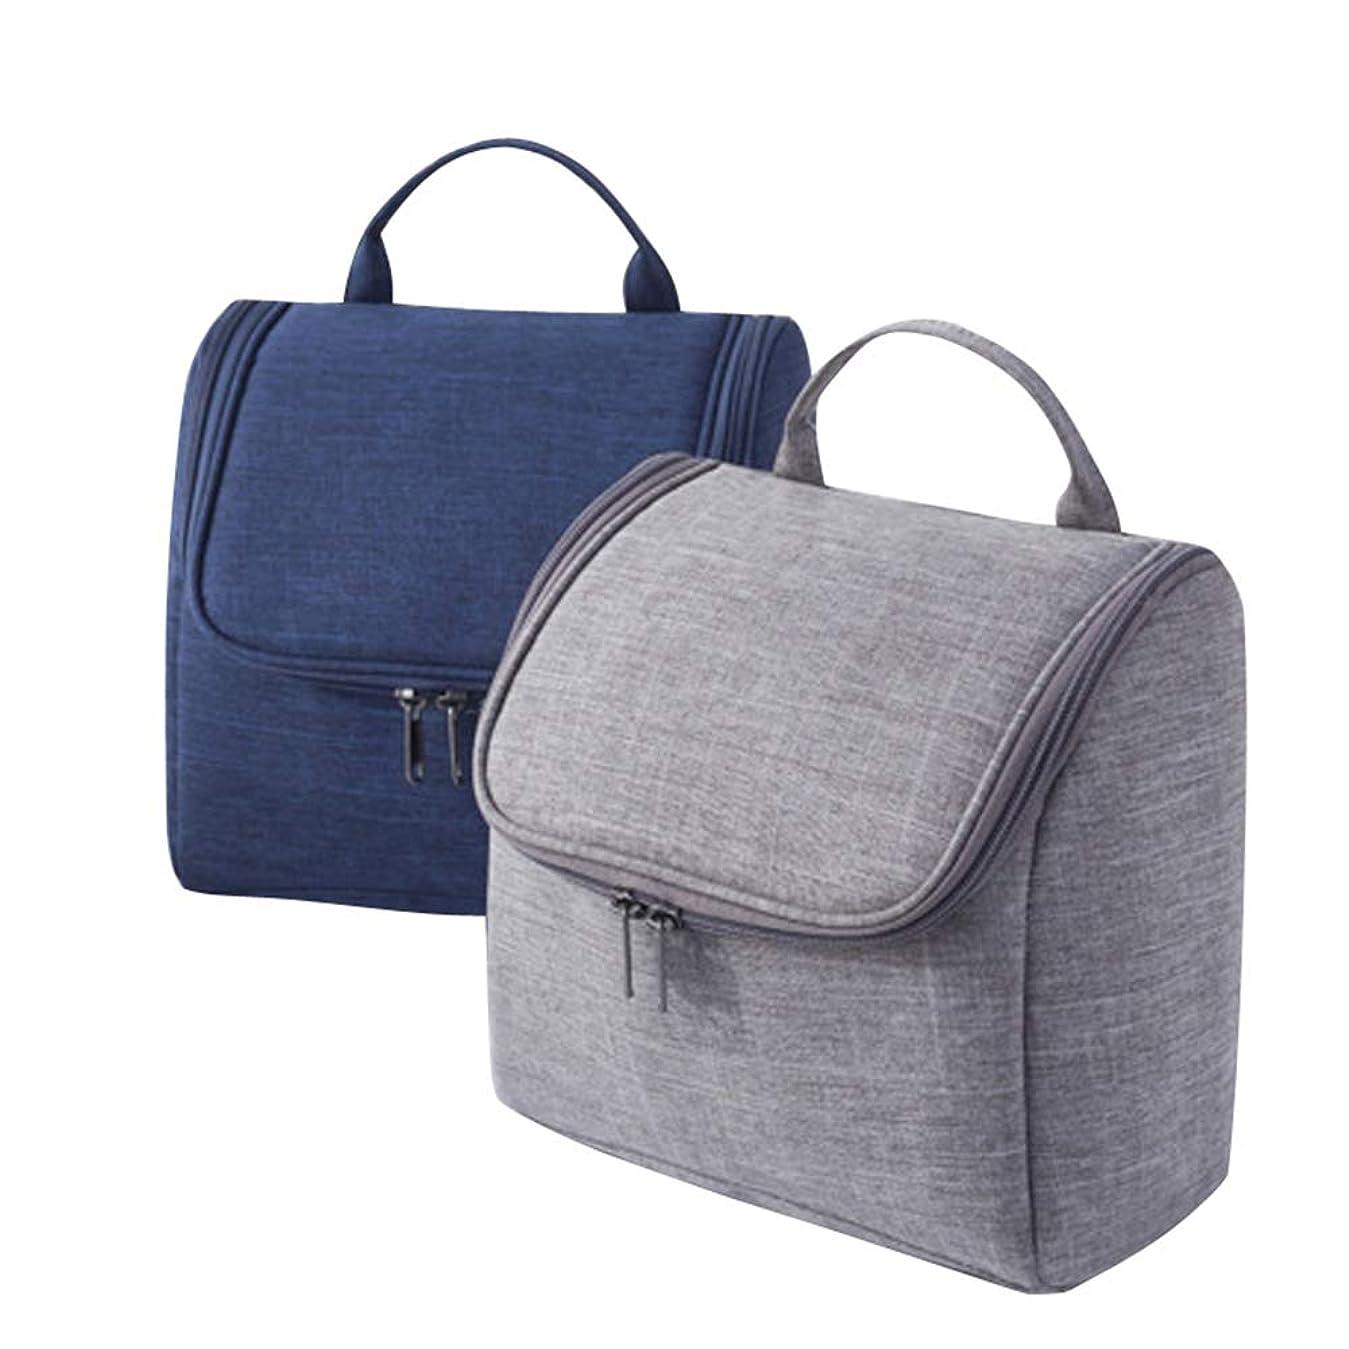 不適当広げる椅子トイレタリーバッグ多機能化粧品バッグポータブル旅行ぶら下げ防水ウォッシュバッグオーガナイザーバッグ用男性と女性2ピース